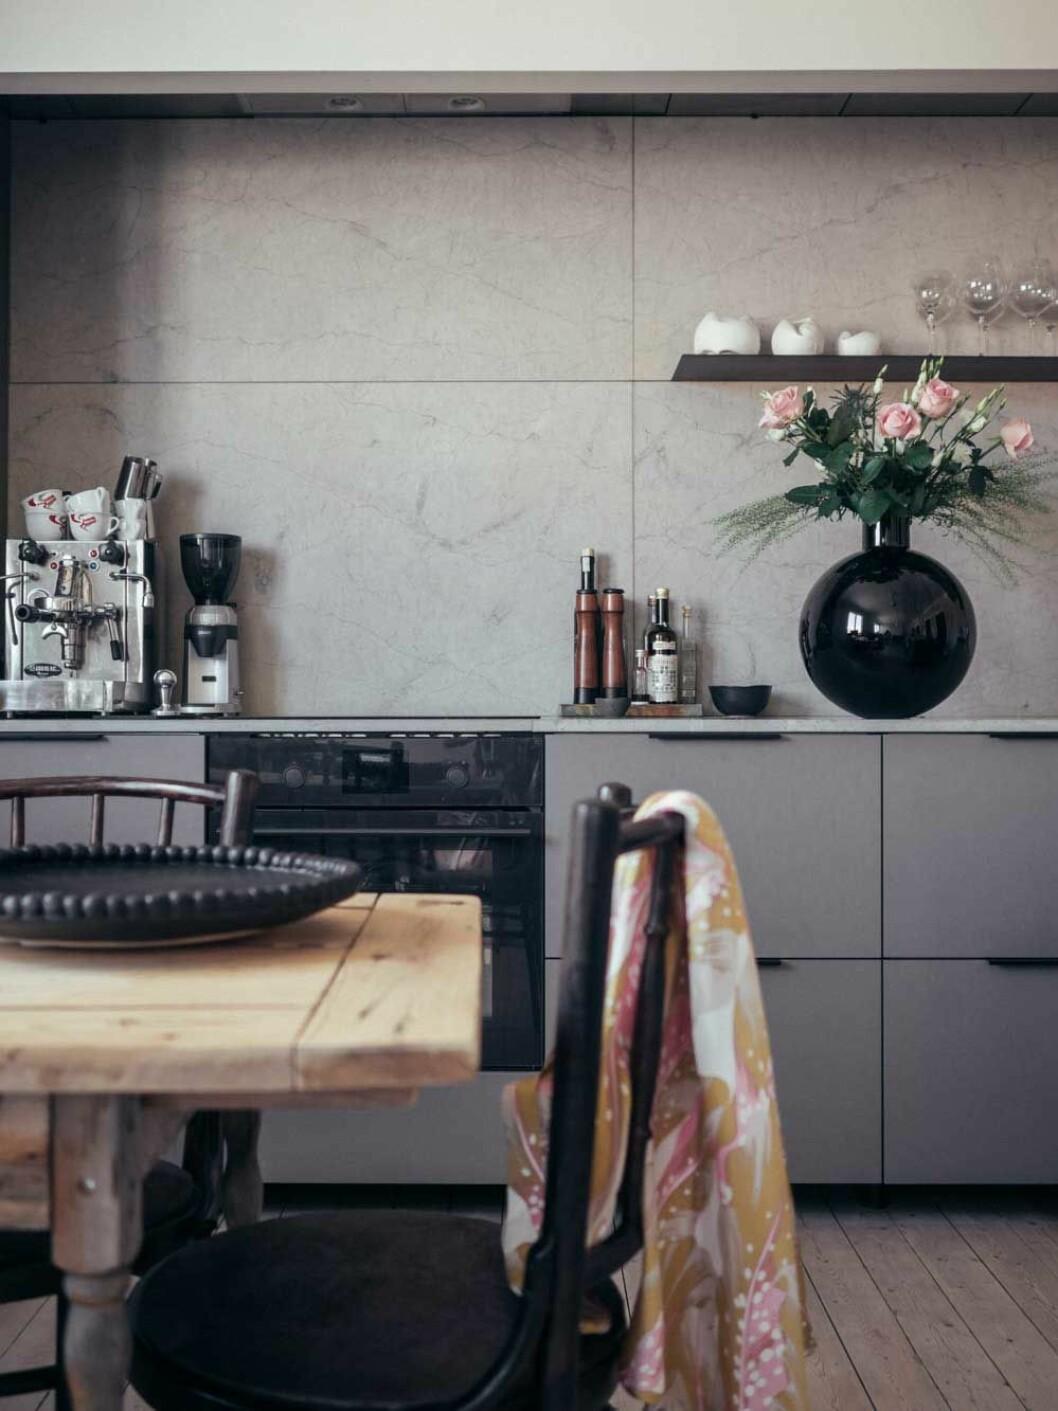 Elin Lannsjös stilrena kök i grått och svart